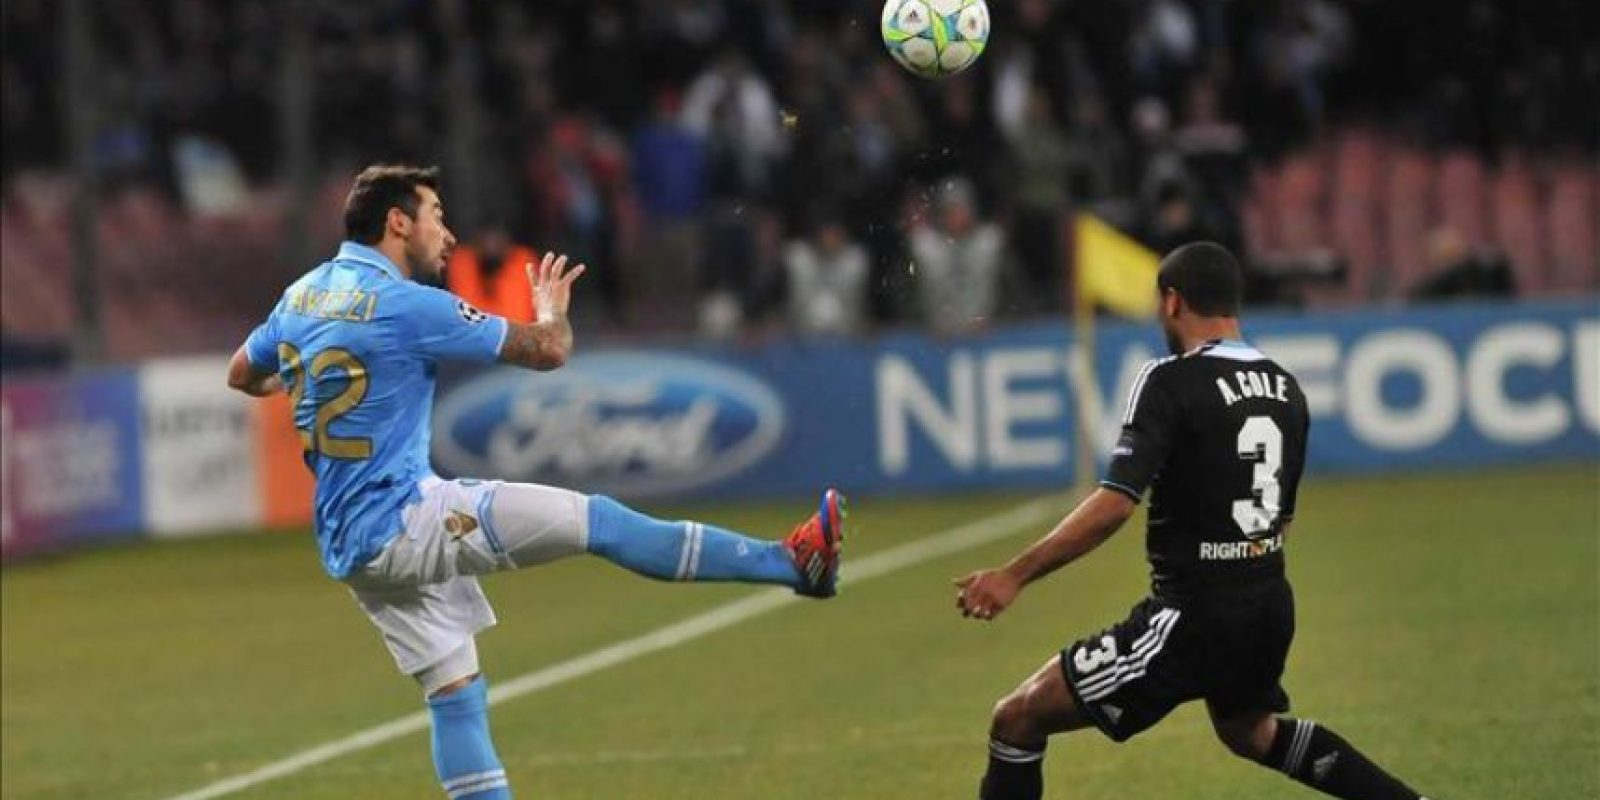 El jugador de Chelsea, Ashley Cole (d), disputa el balón con Ezequiel Lavezzi (i), del Nápoles durante el juego de la Liga de Campeones en es estadio San Paolo en Nápoles (Italia). EFE